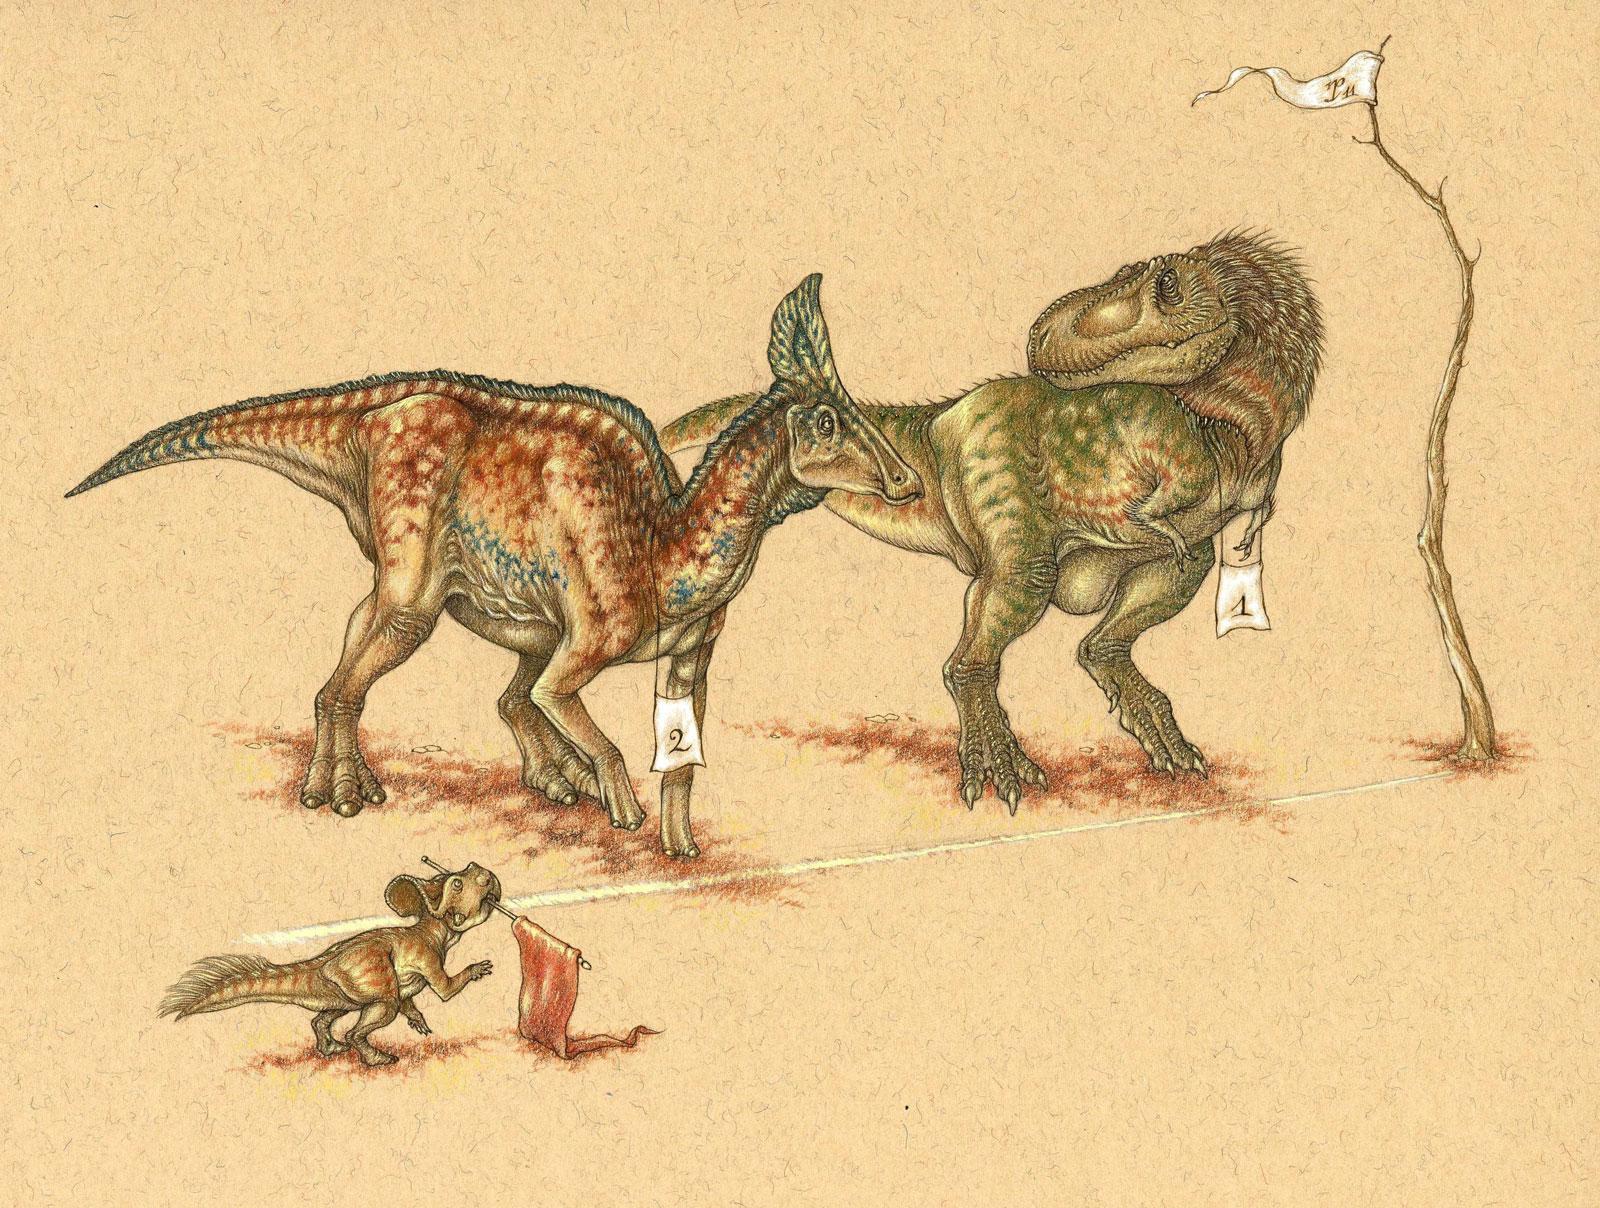 Dinosaur race – Tyrannosaurus Rex and Albertosaurus at the start line